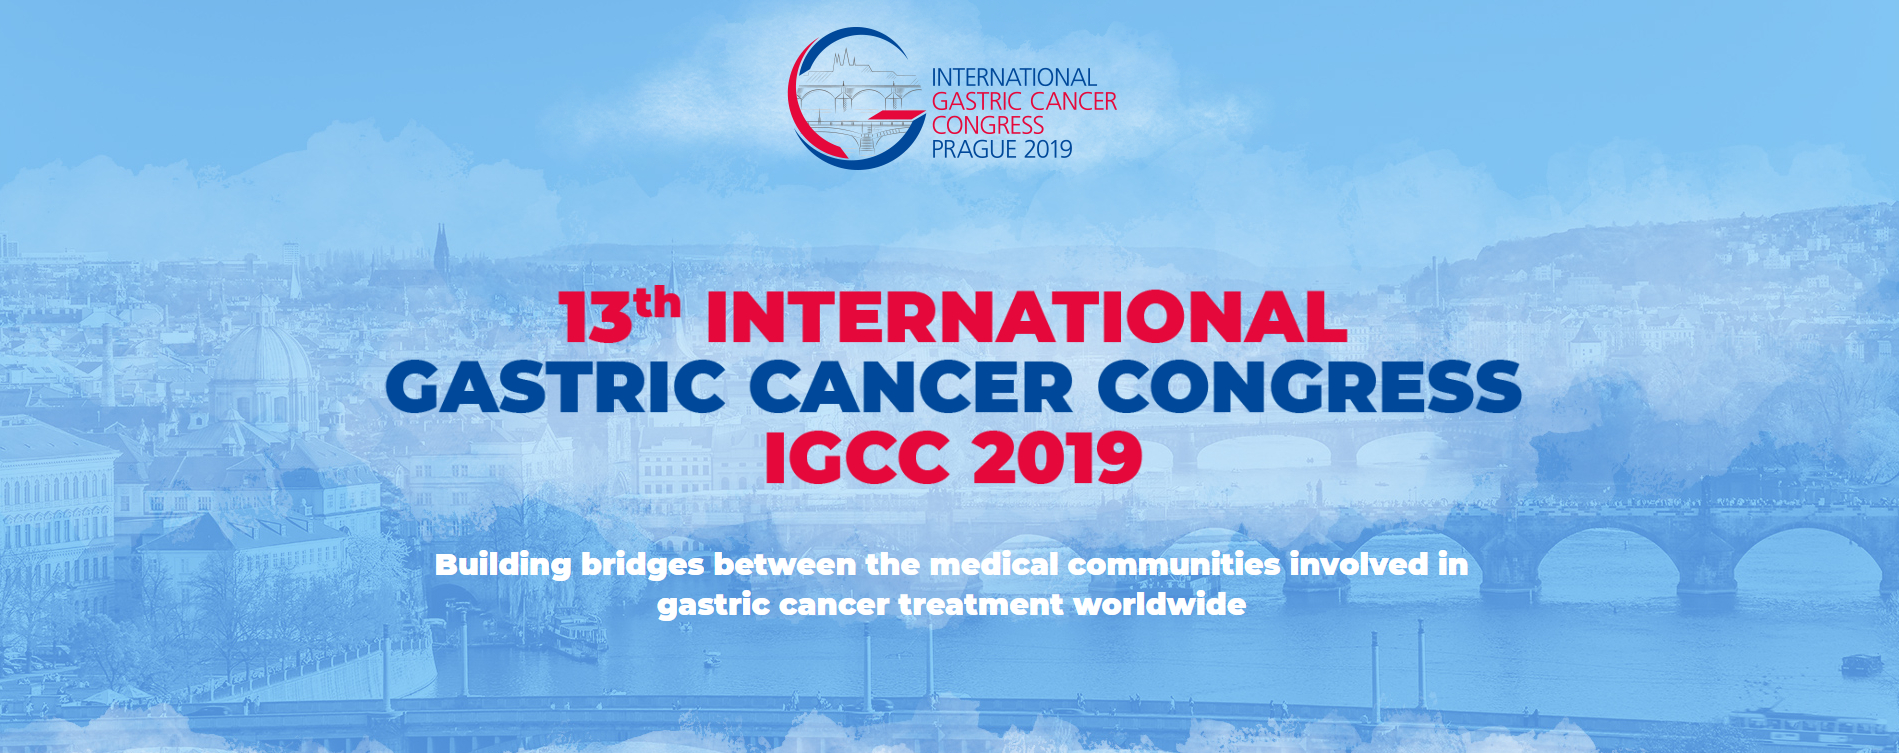 IGCC 2019 - Online Services Portal